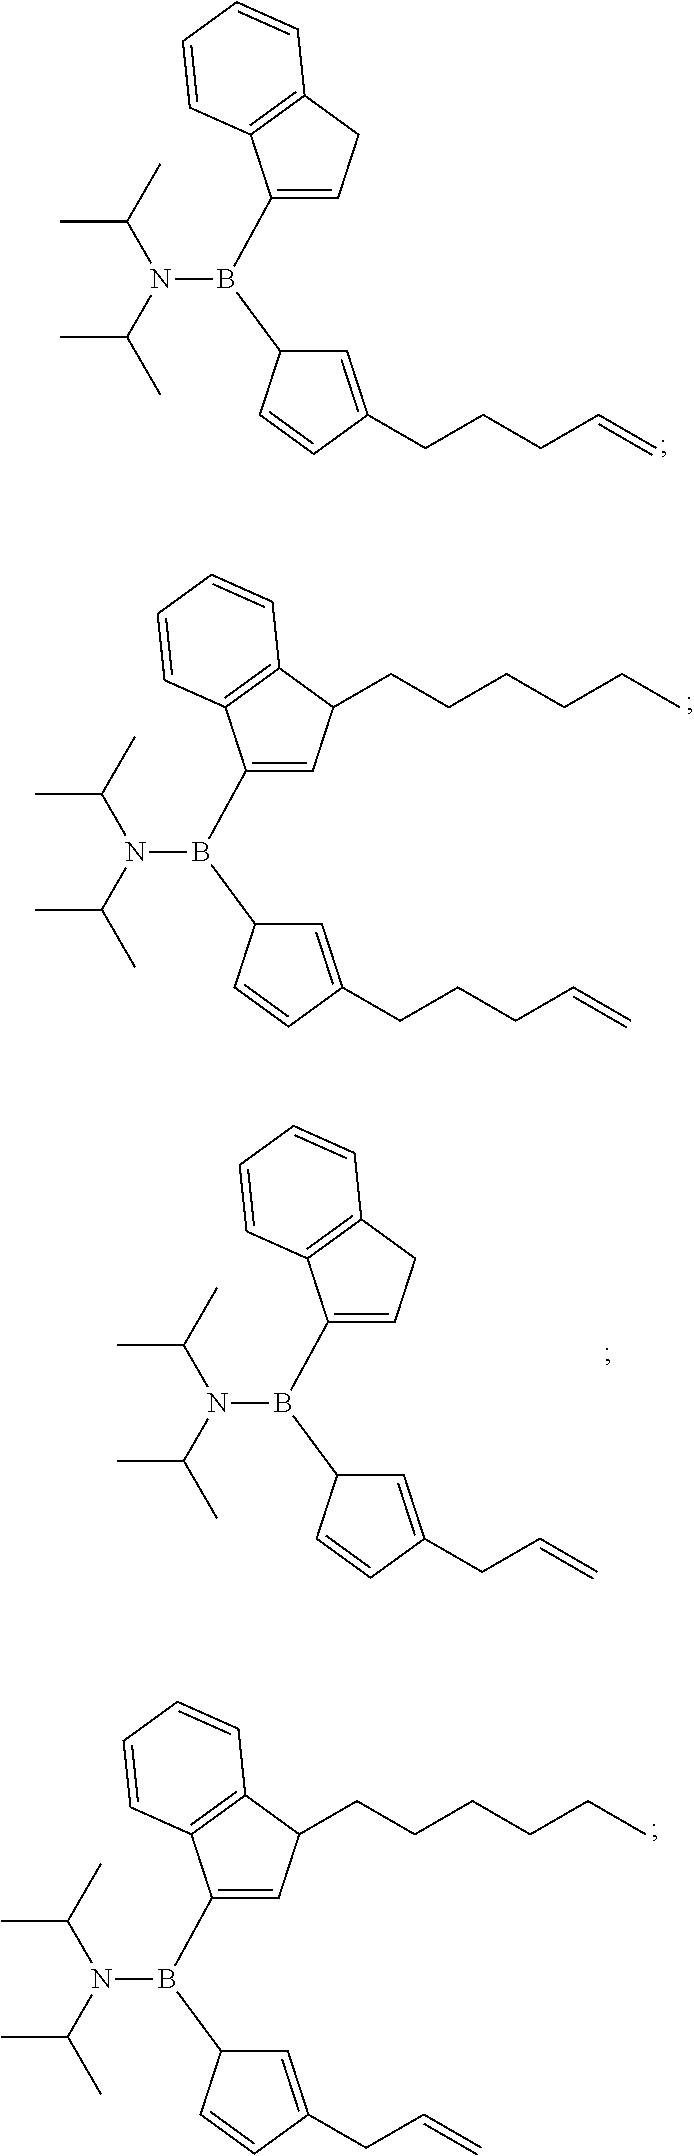 Figure US09469702-20161018-C00006